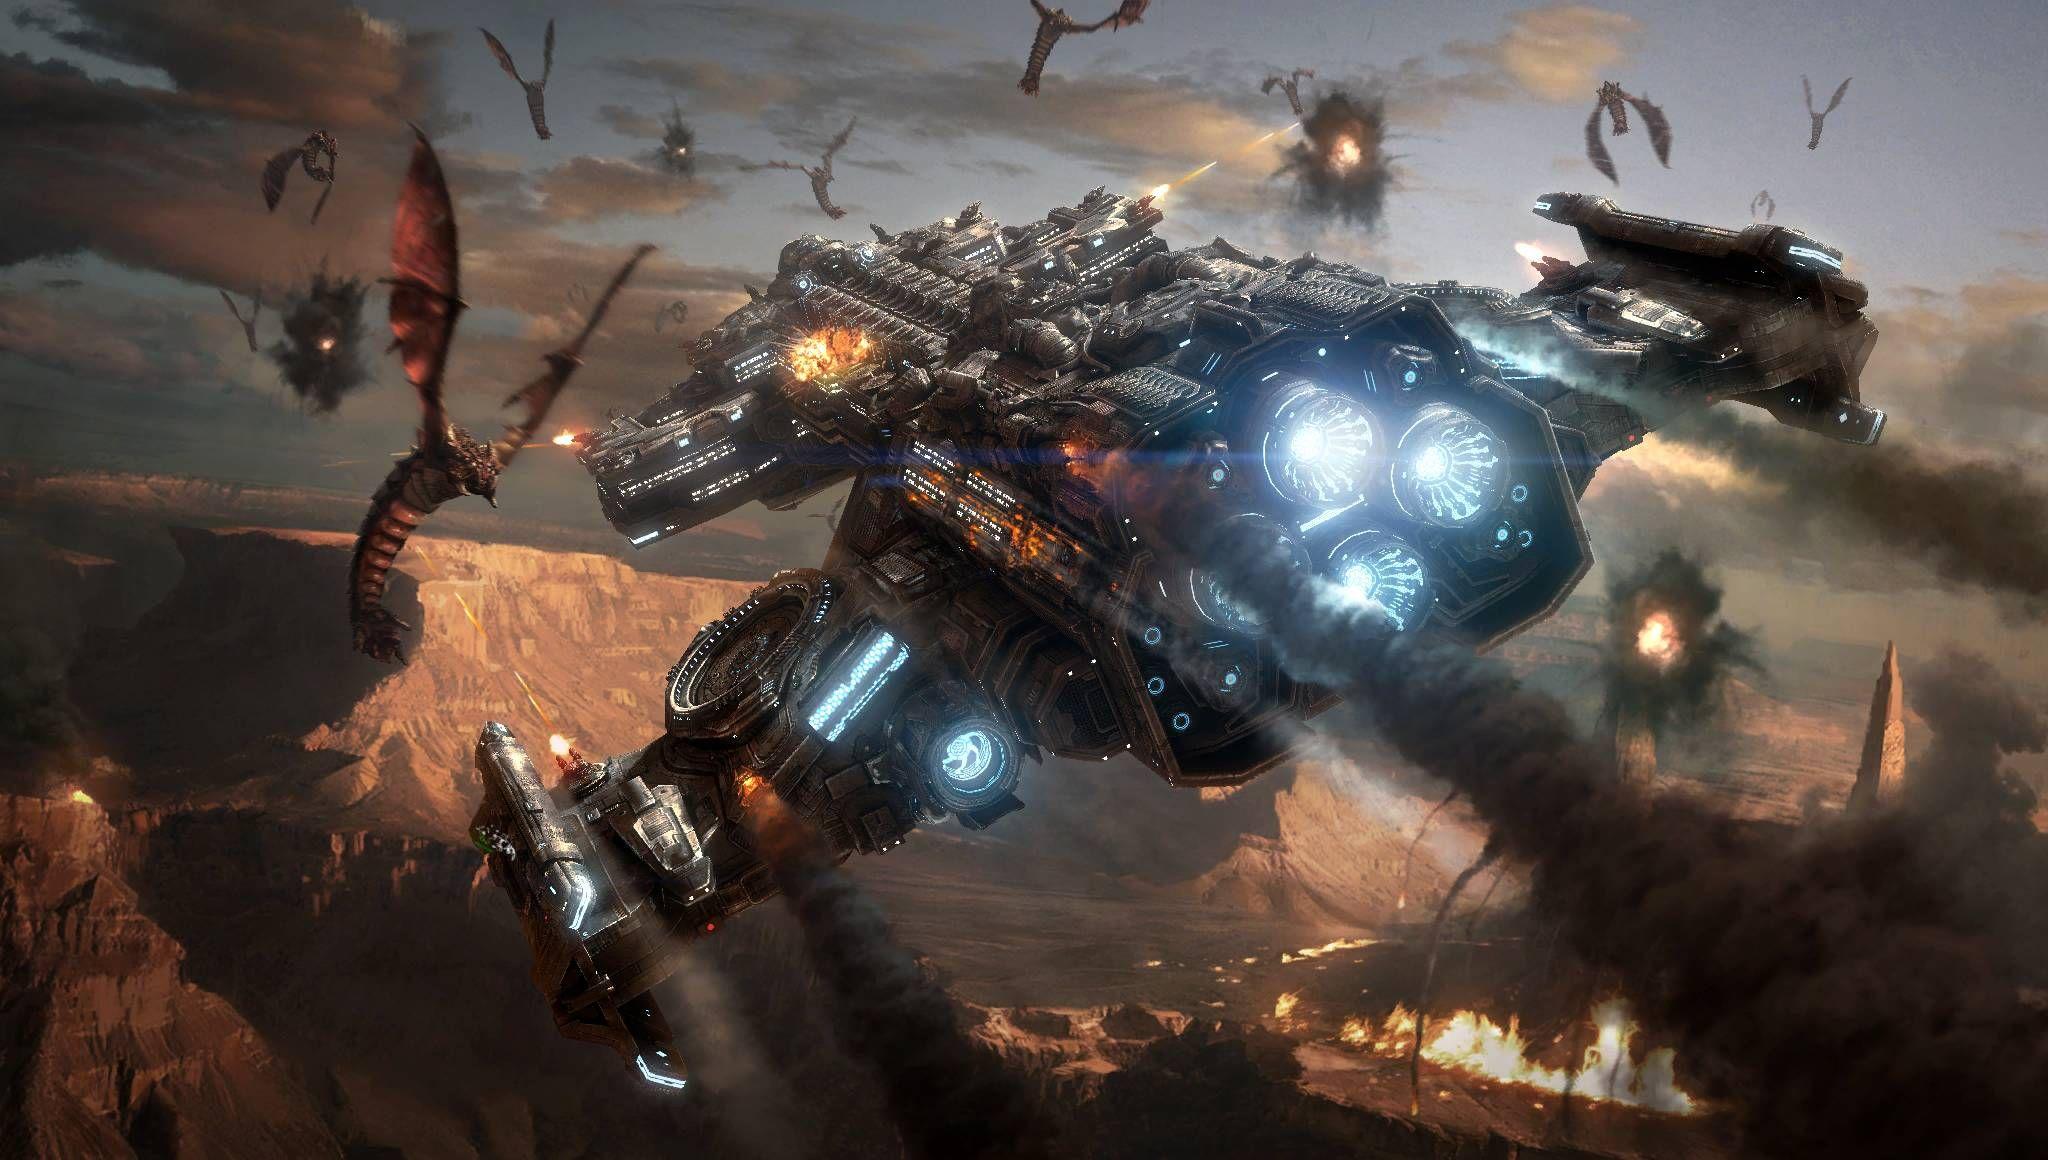 Starcraft 2 terran hd desktop wallpaper widescreen - Starcraft 2 wallpaper art ...